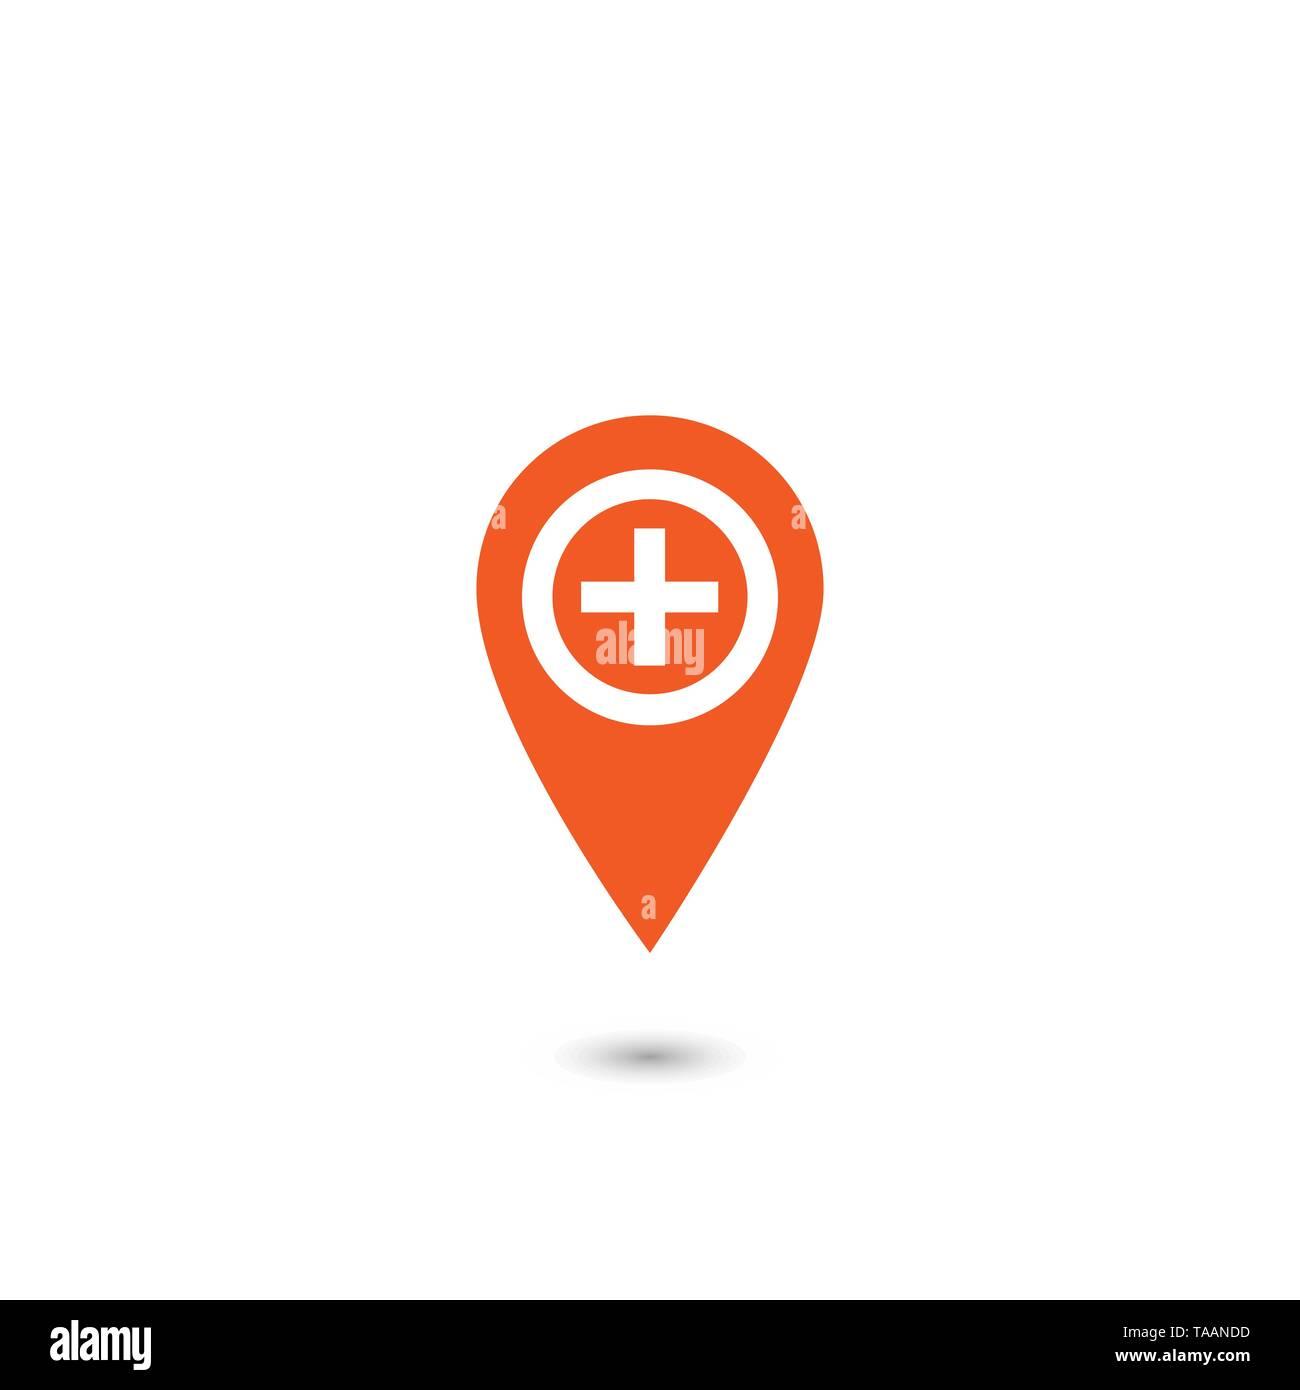 Kreuz Karte.Rote Zeichen Kreuz Karte Pin Symbol Krankenhaus Zeichen Vector